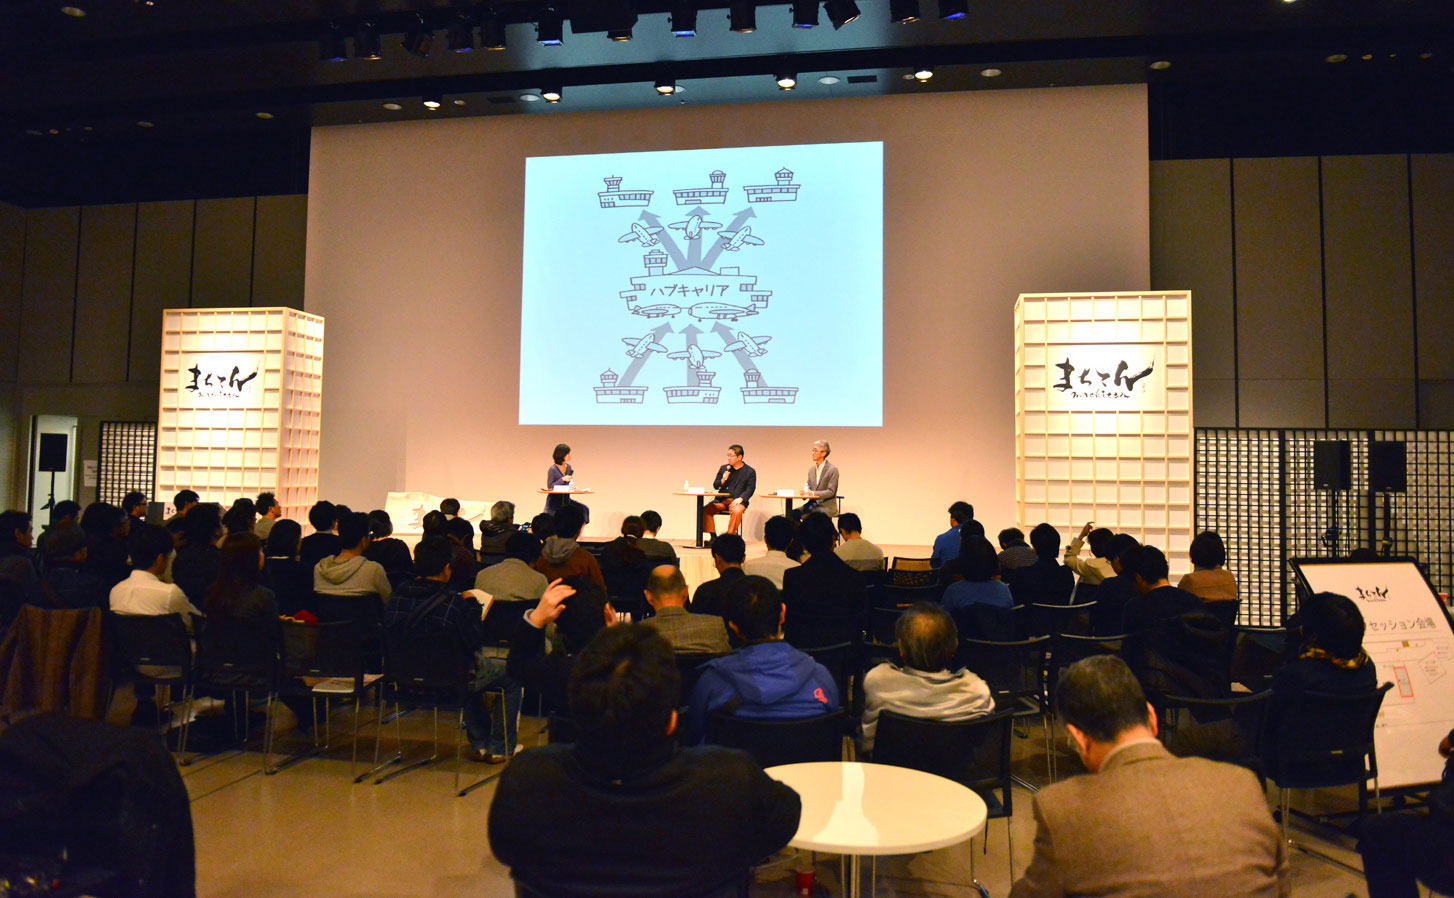 まちてんトークセッション「まちづくりイノベーターへのキャリア戦略」